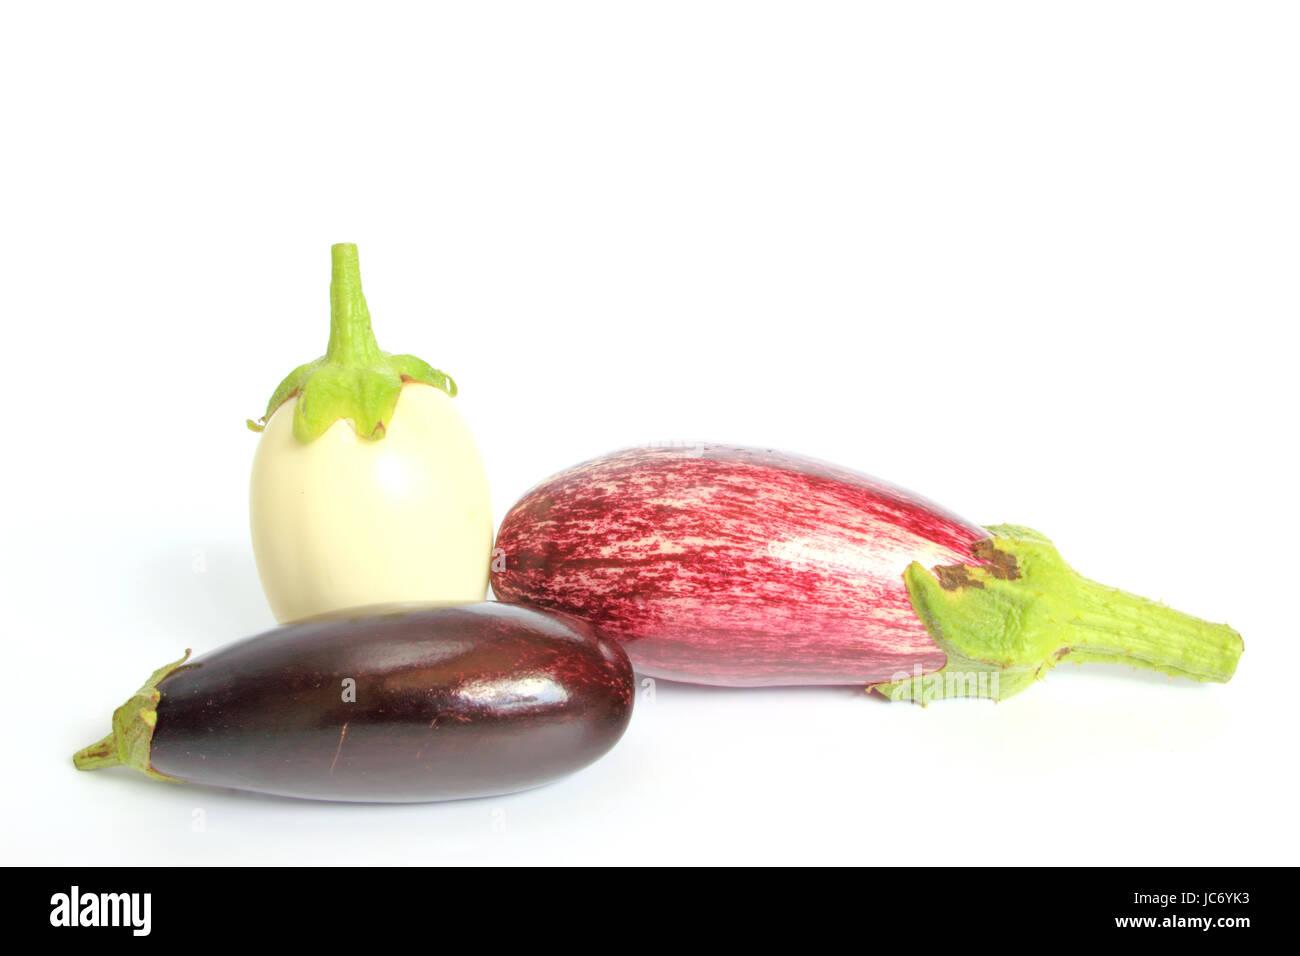 drei verschiedene Auberginensorten (Solanum melongena) - Stock Image